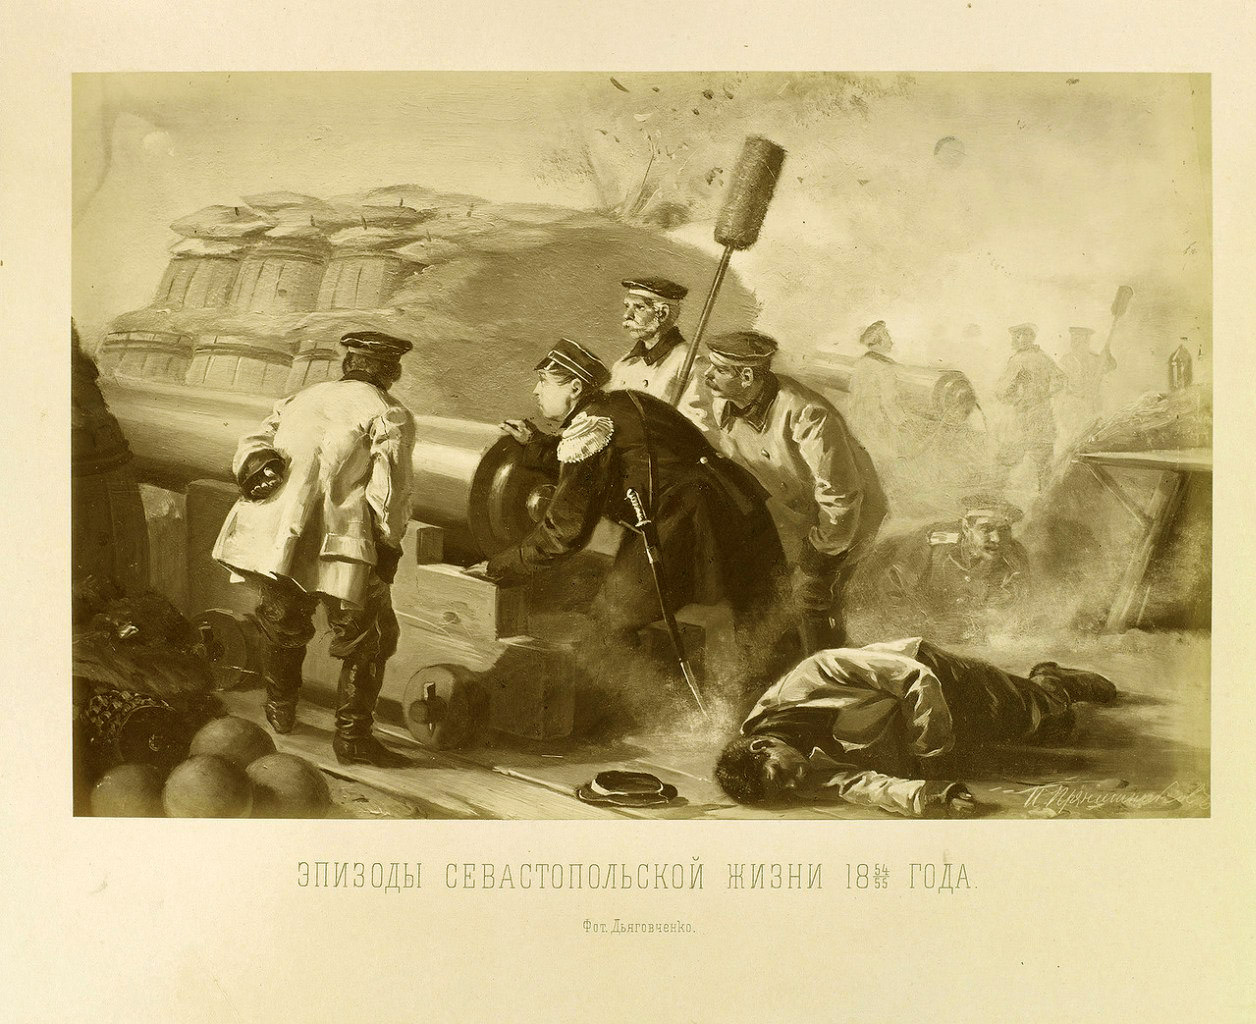 «Эпизоды Севастопольской жизни» 1854-1855. Крымская война.